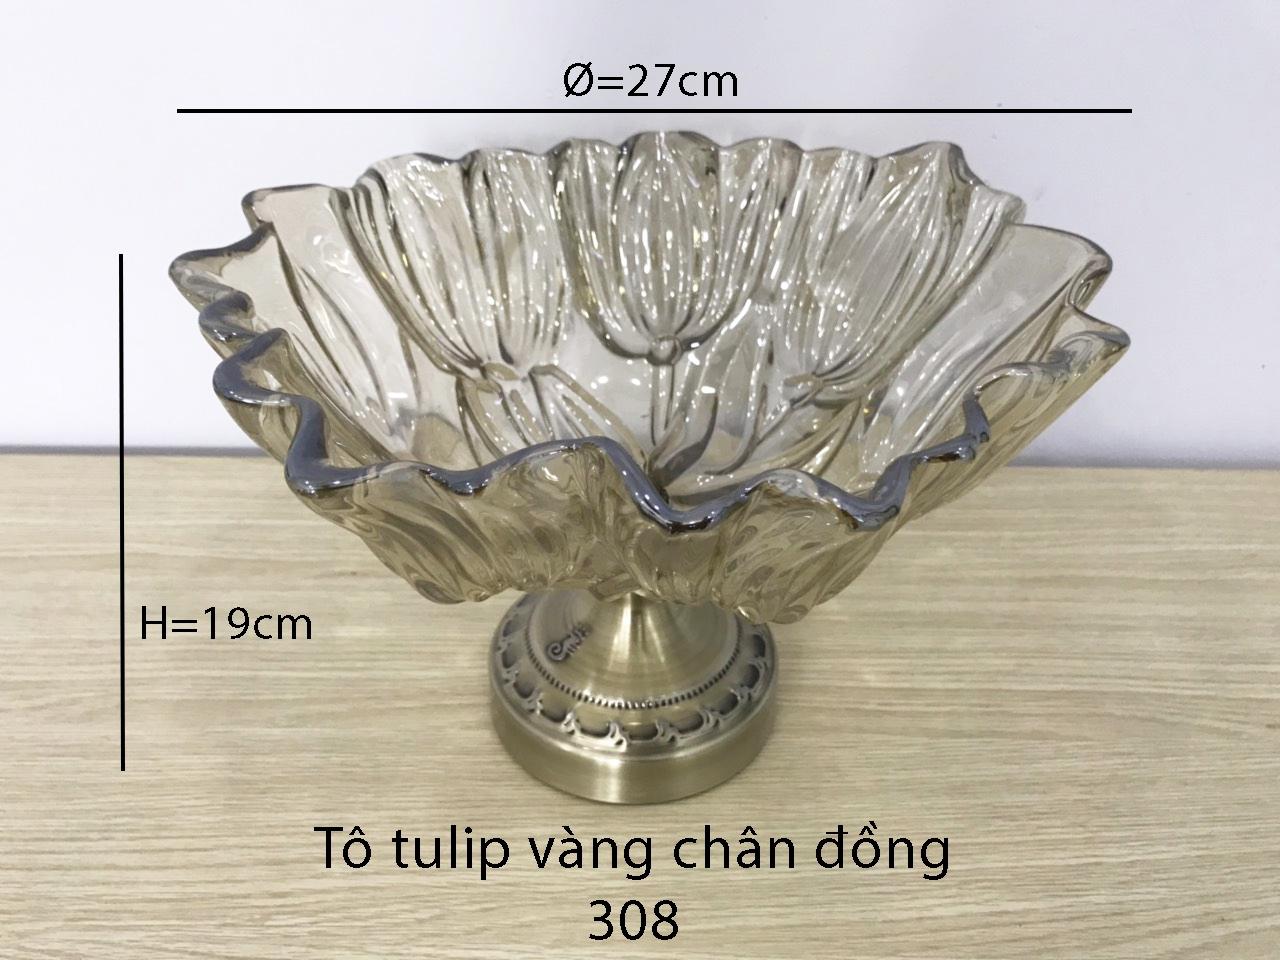 Tô tulip vàng chân đồng